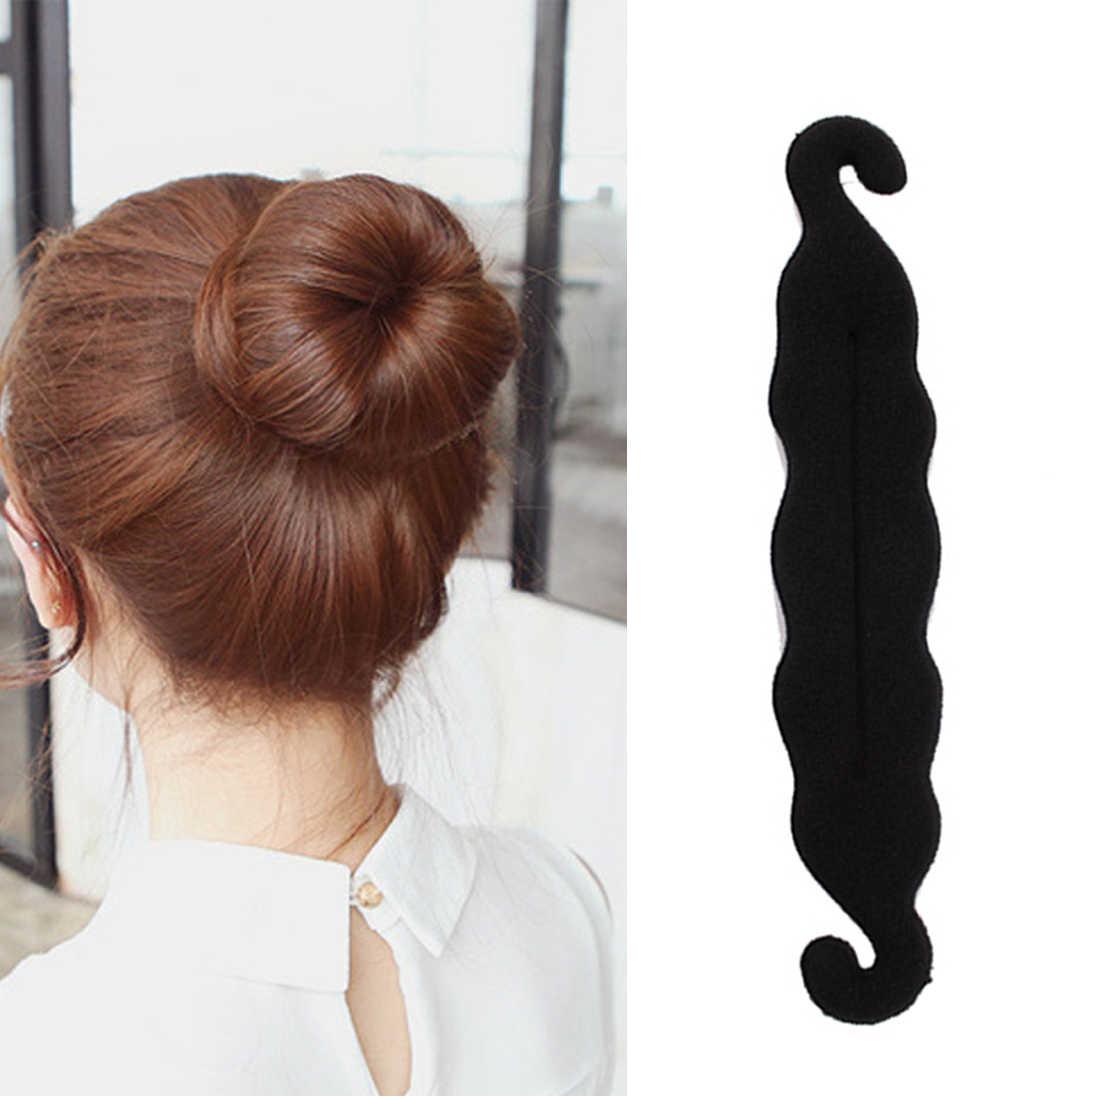 1 шт. Для женщин волшебный Поролоновый спонж Hairdisk устройство для волос Donut Быстрый грязные булочка Женская прическа, модный аксессуар для волос зажим, аксессуар для волос Инструменты для укладки волос